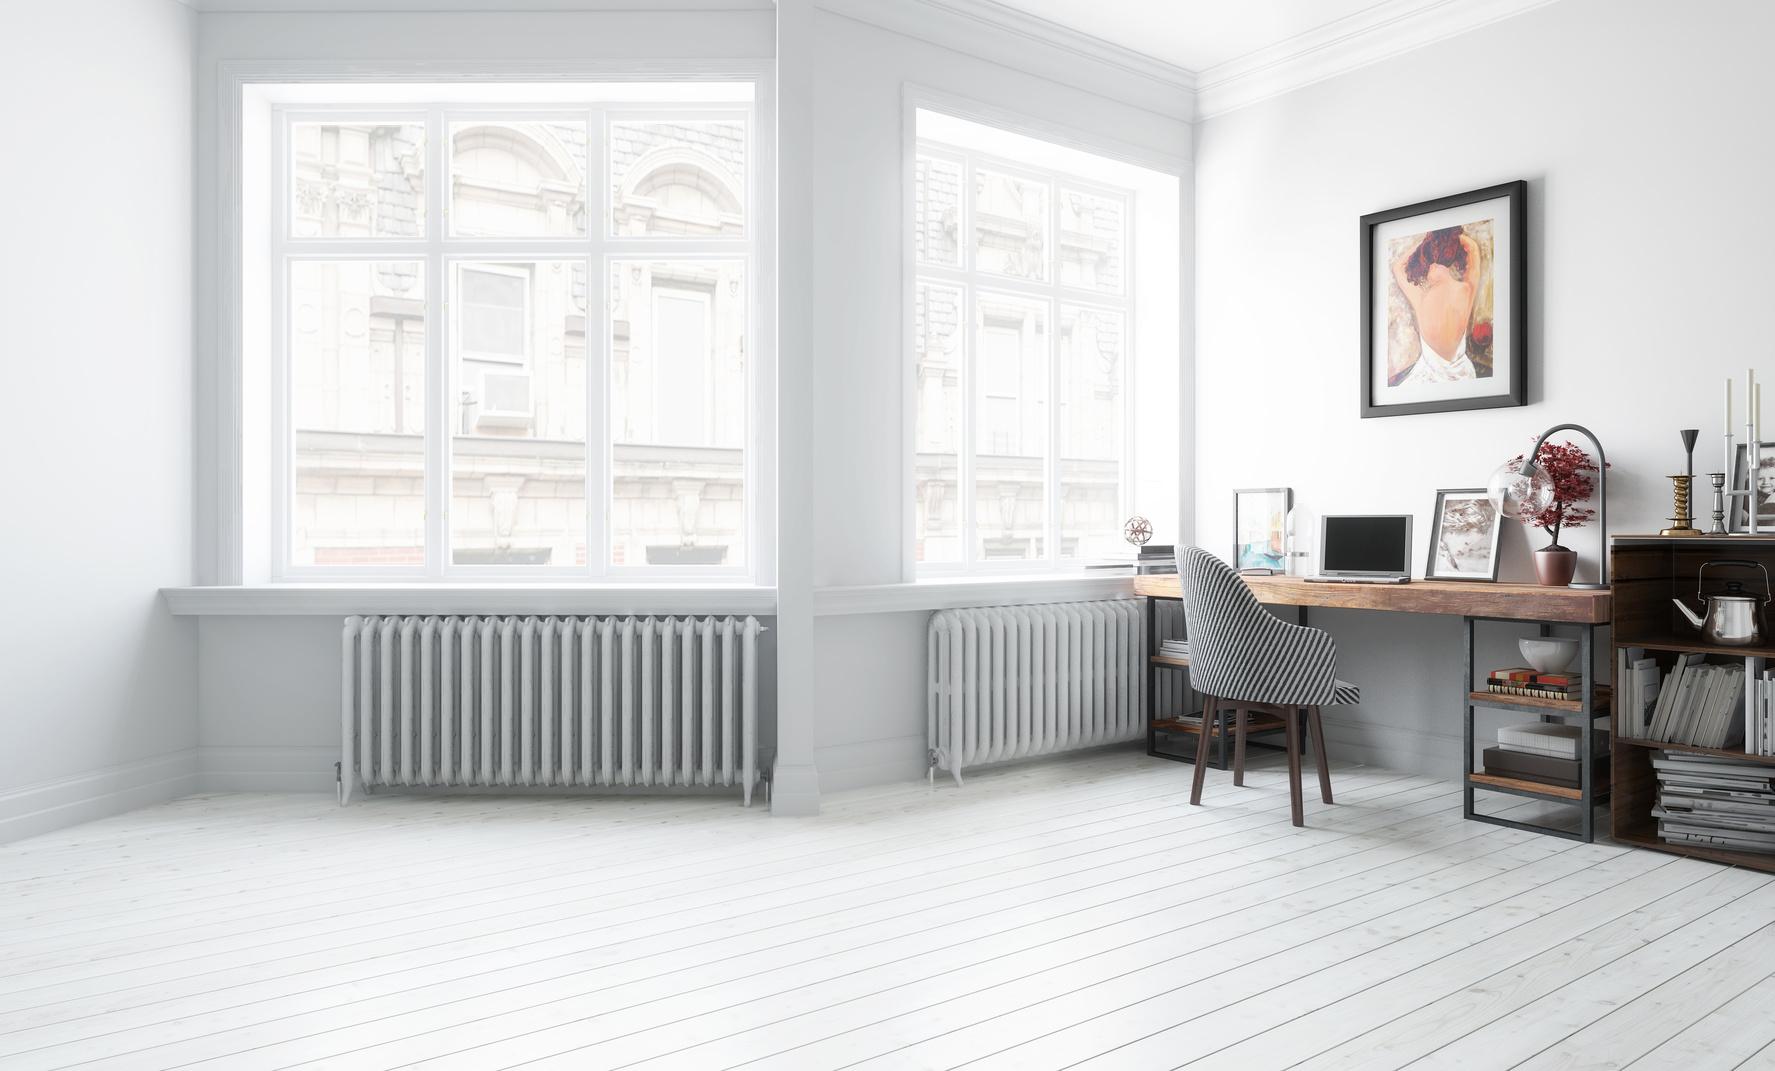 Full Size of Flachheizkörper Wohnzimmer Wird Nur Oben Warm Ursachen Und Tipps Lampen Deckenlampen Modern Gardinen Hängeleuchte Teppiche Schrank Vorhang Stehlampe Wohnzimmer Flachheizkörper Wohnzimmer